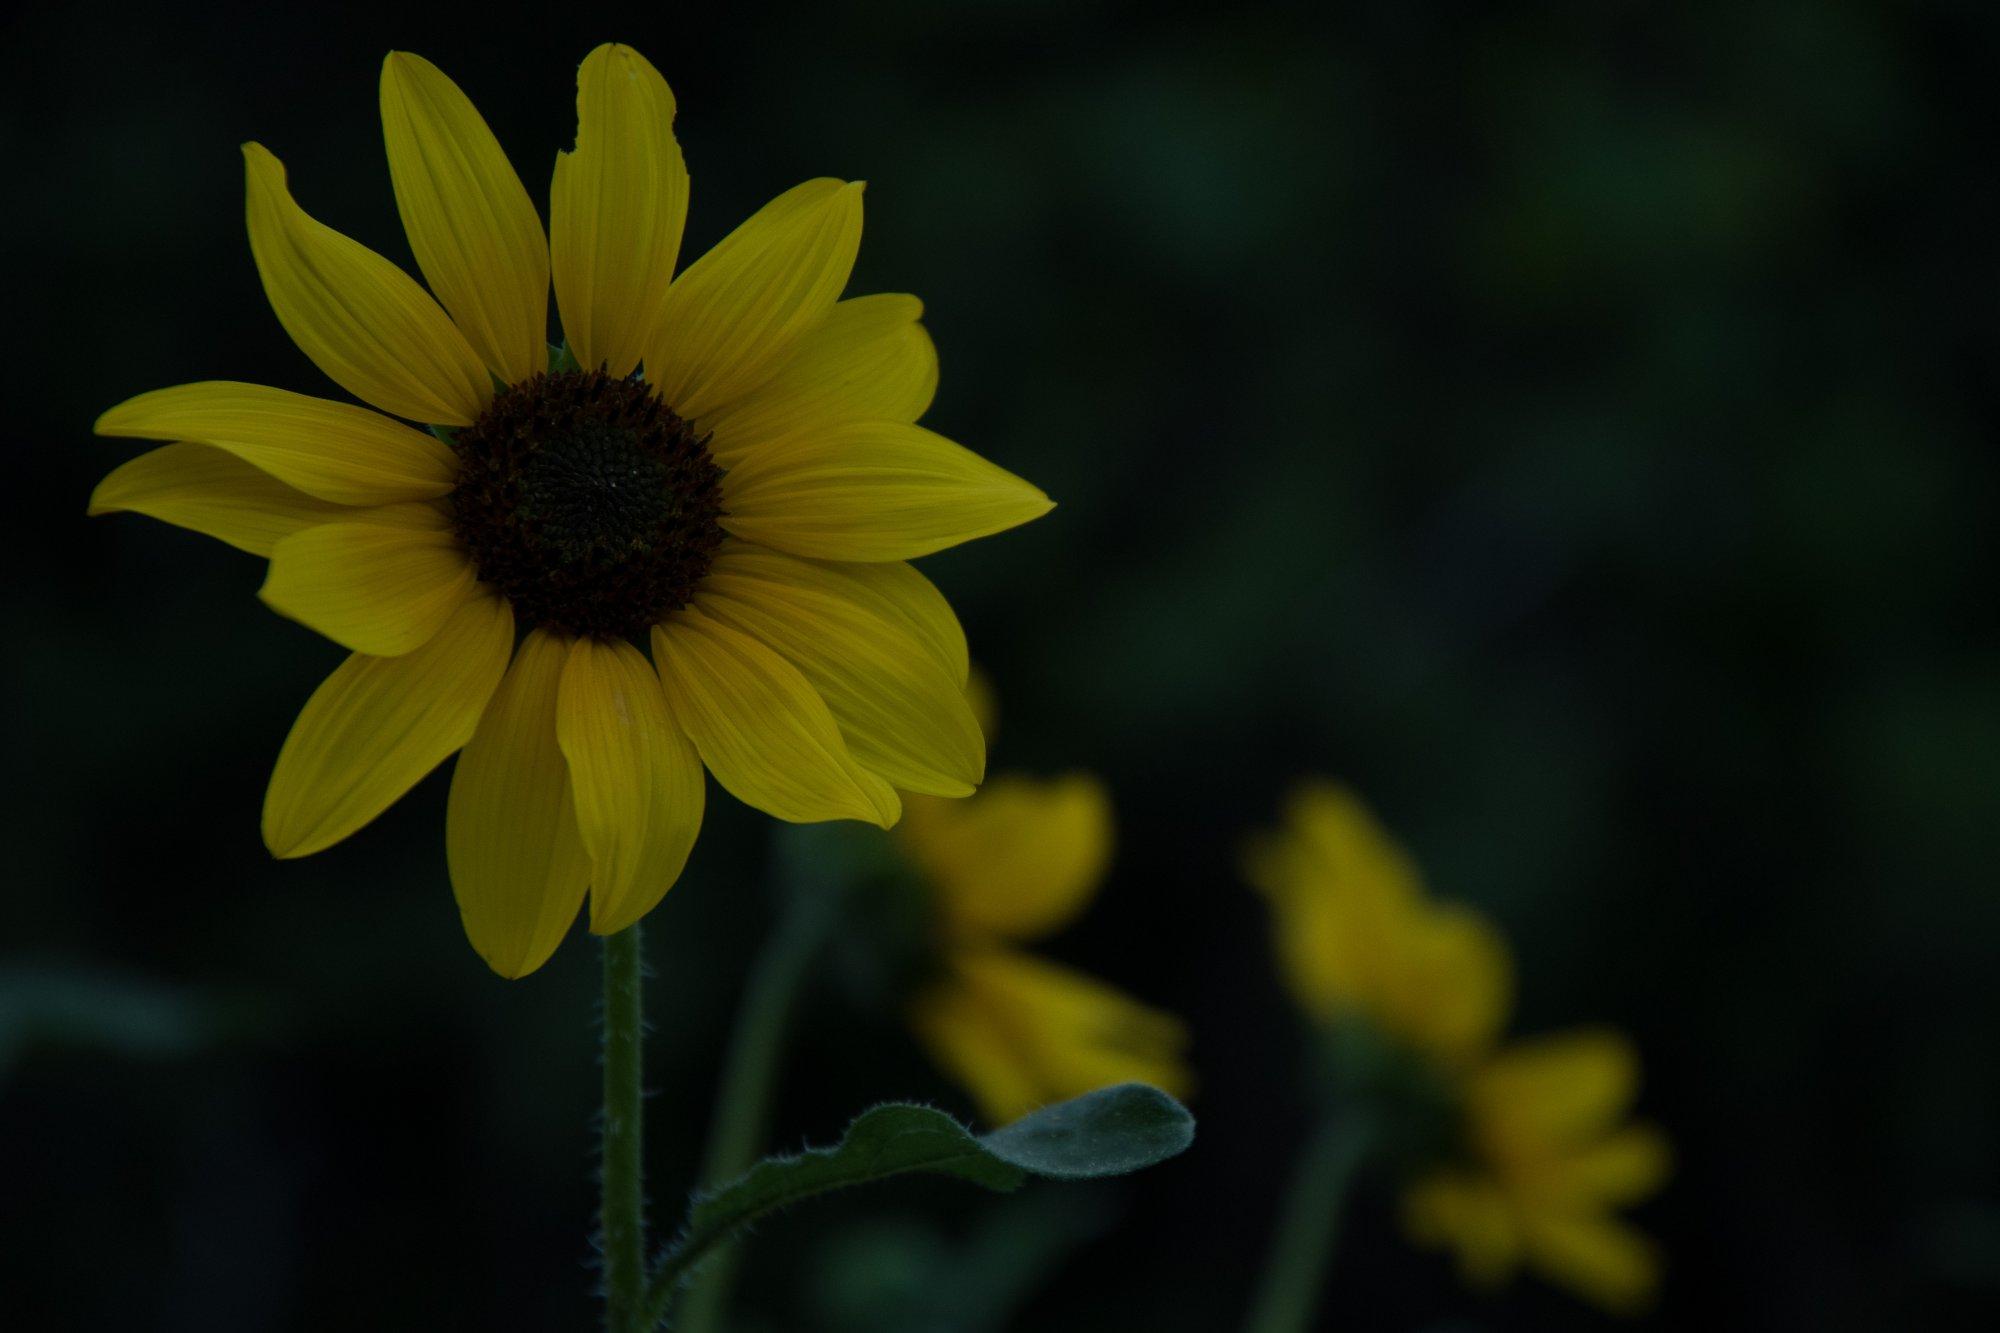 sunflower-3865.jpg